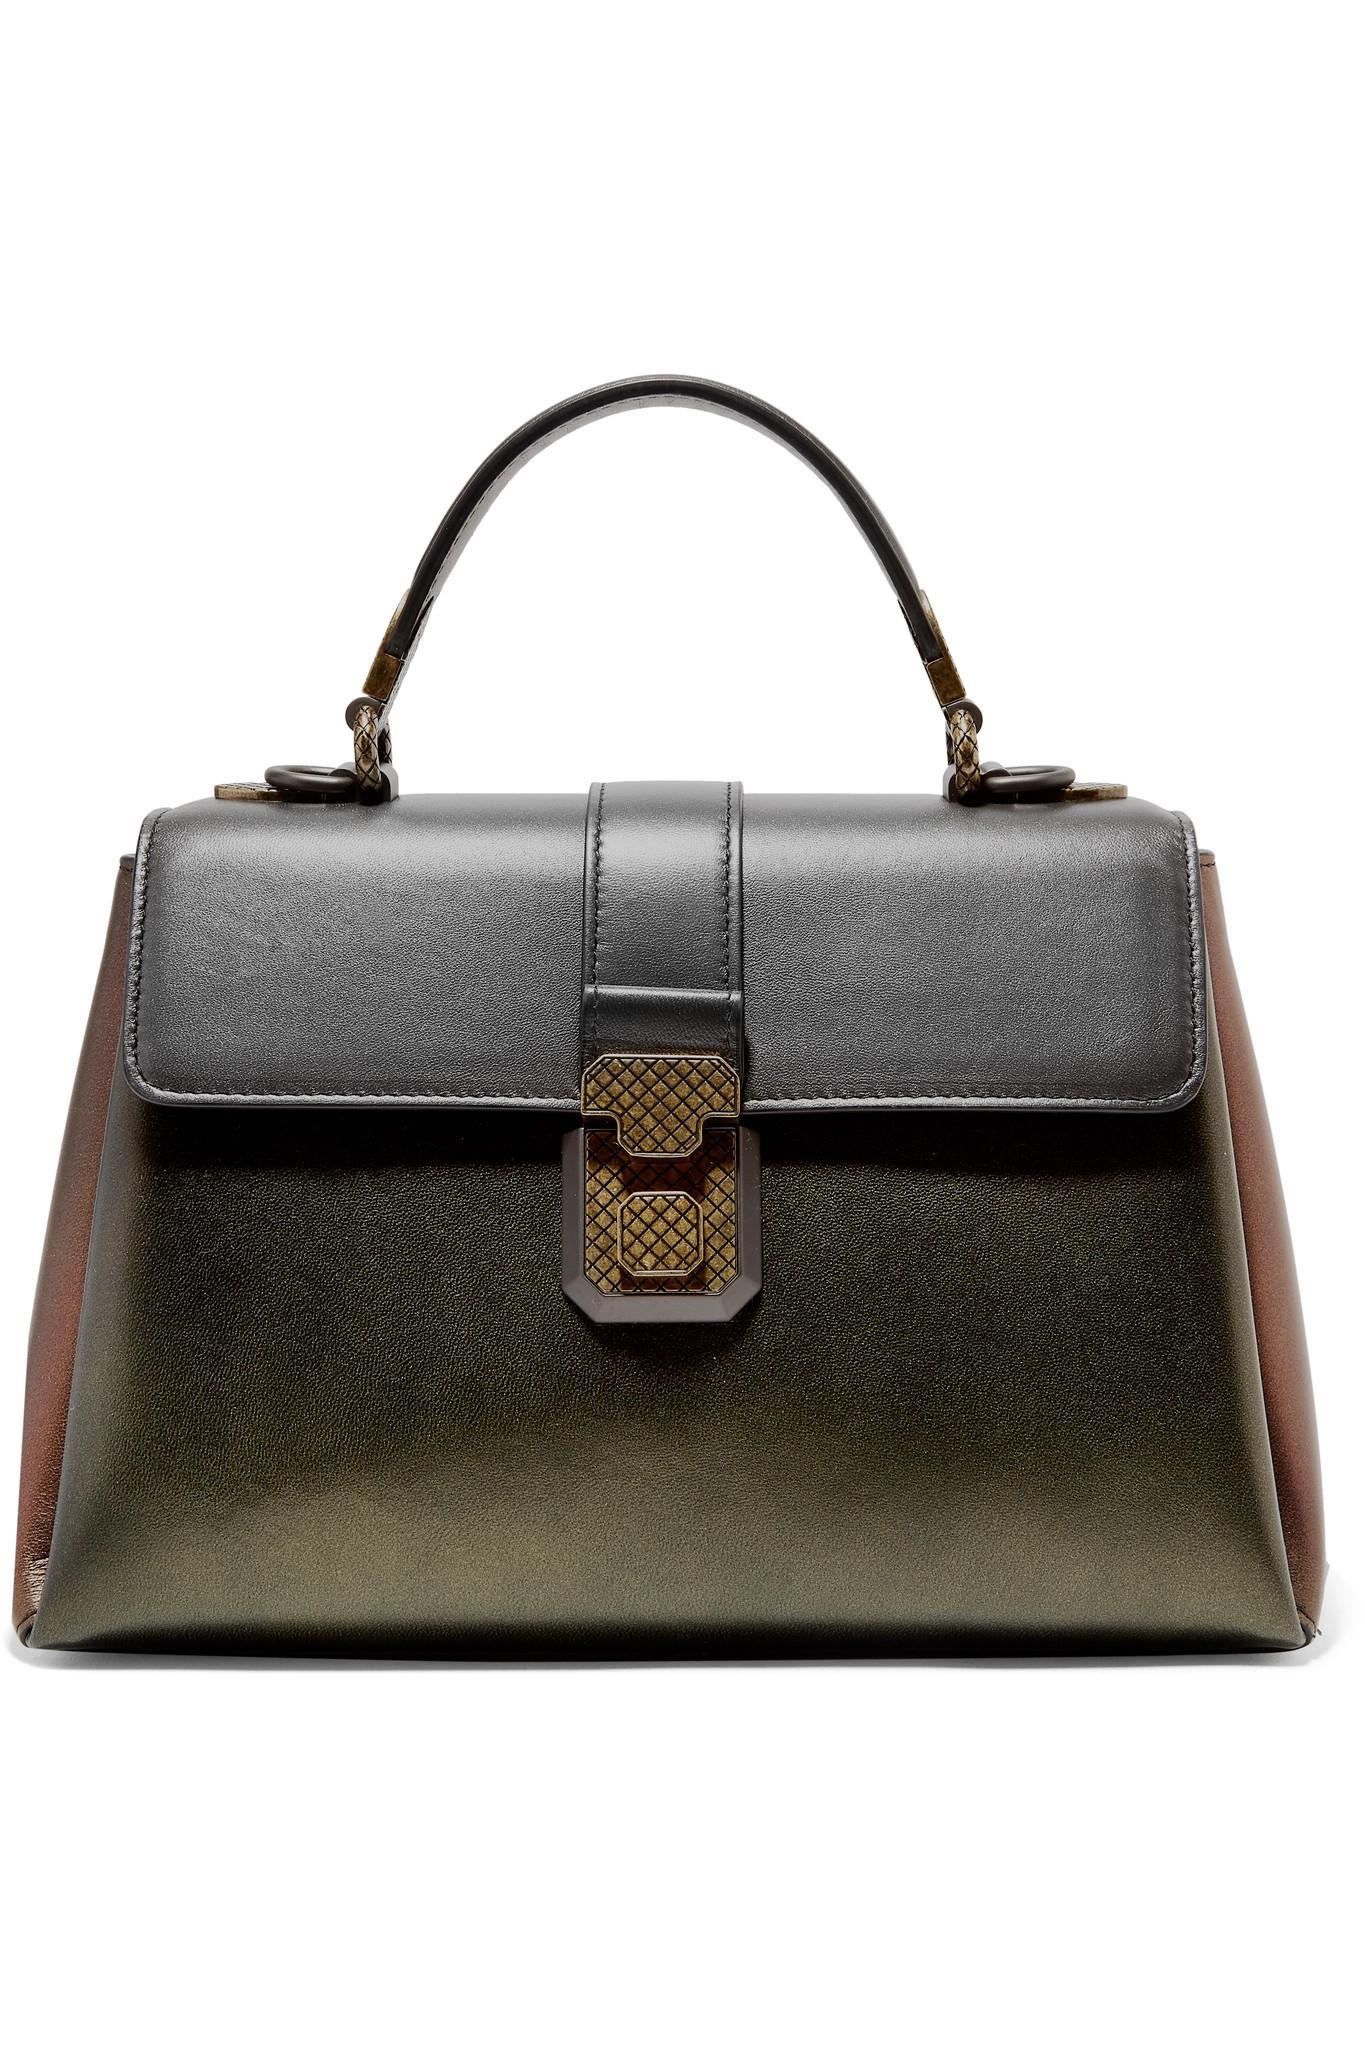 Piazza Large Color-block Leather Tote - Gray Bottega Veneta kp0MlU